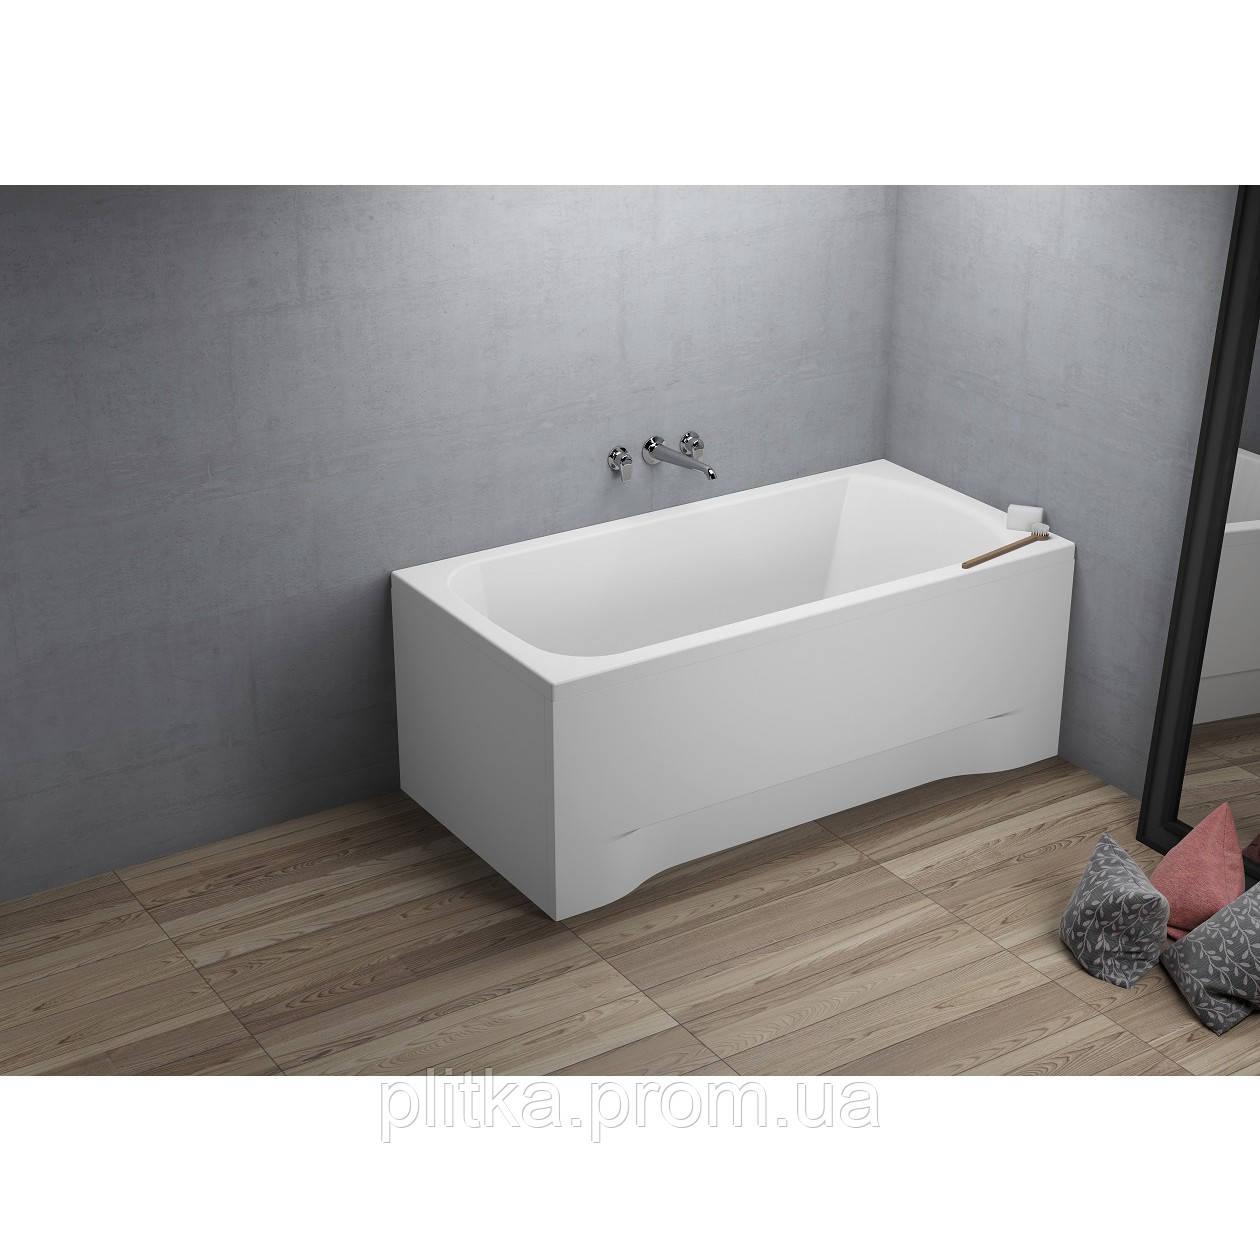 Ванна прямоугольная CLASSIC 120x70